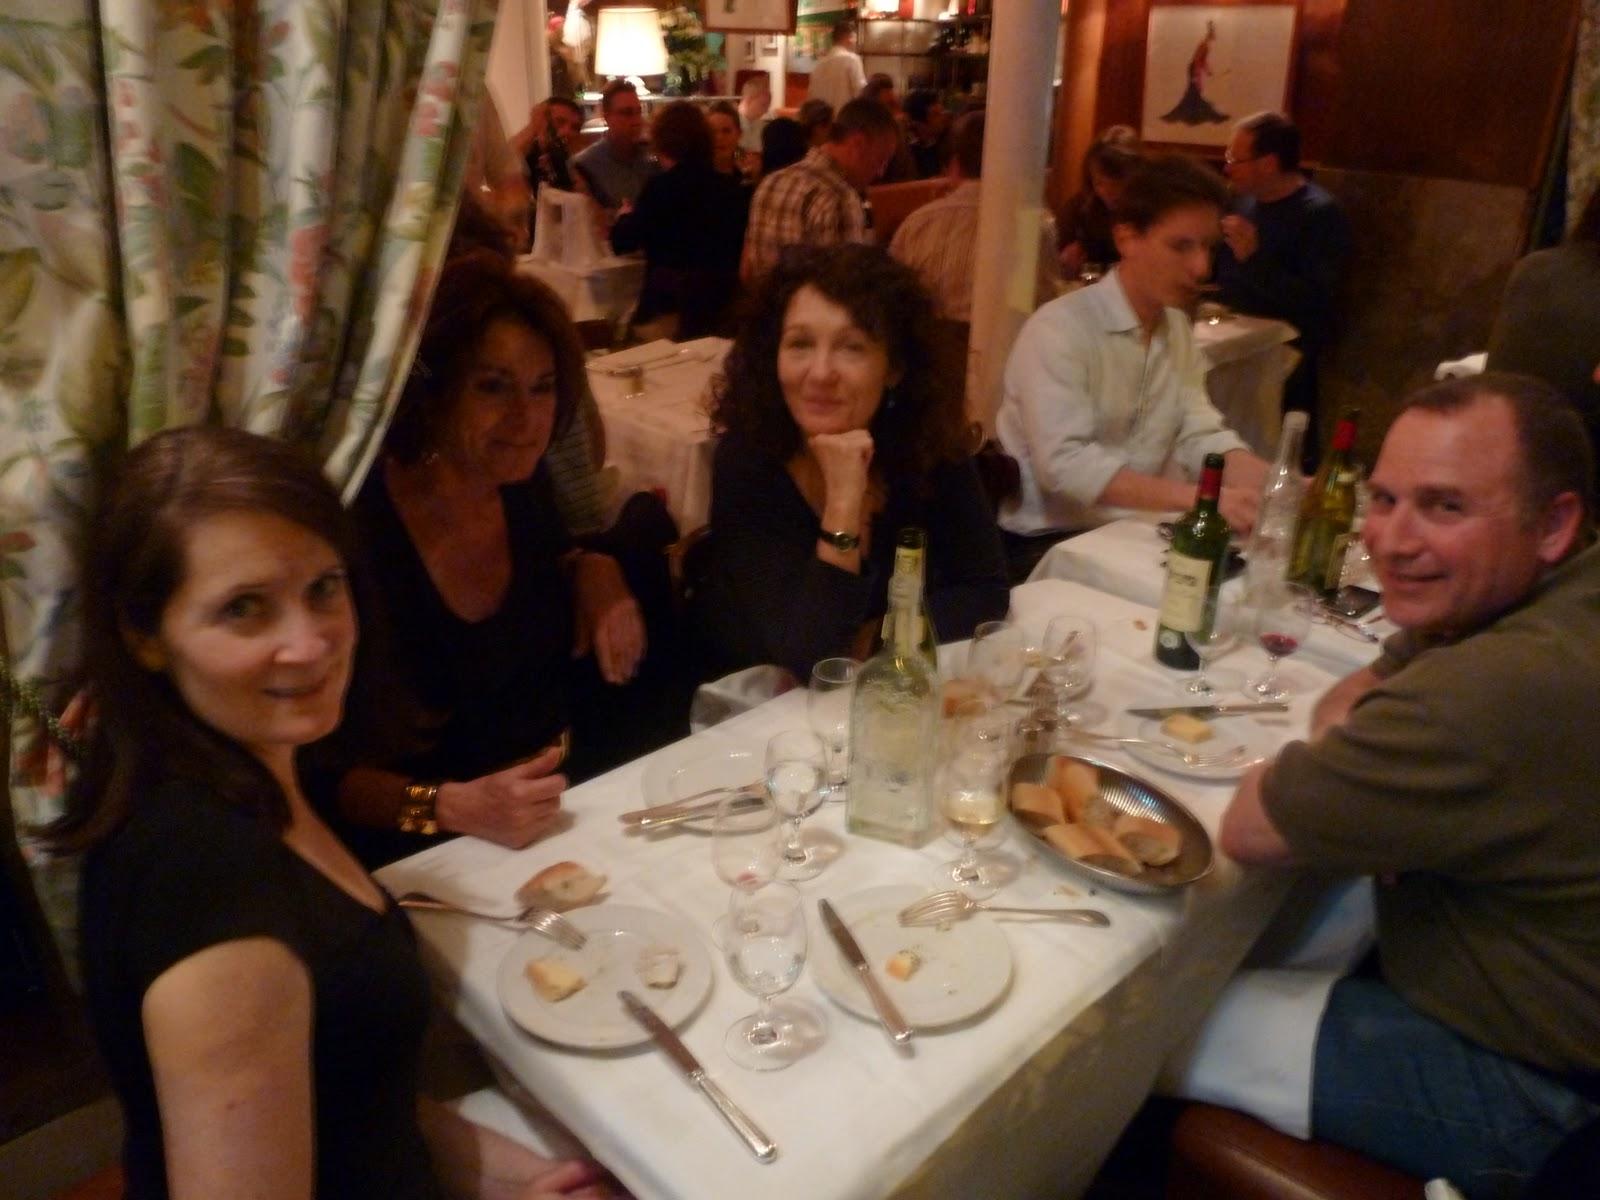 Paris missives a la biche au bois restaurant review - La biche aux bois yerres ...